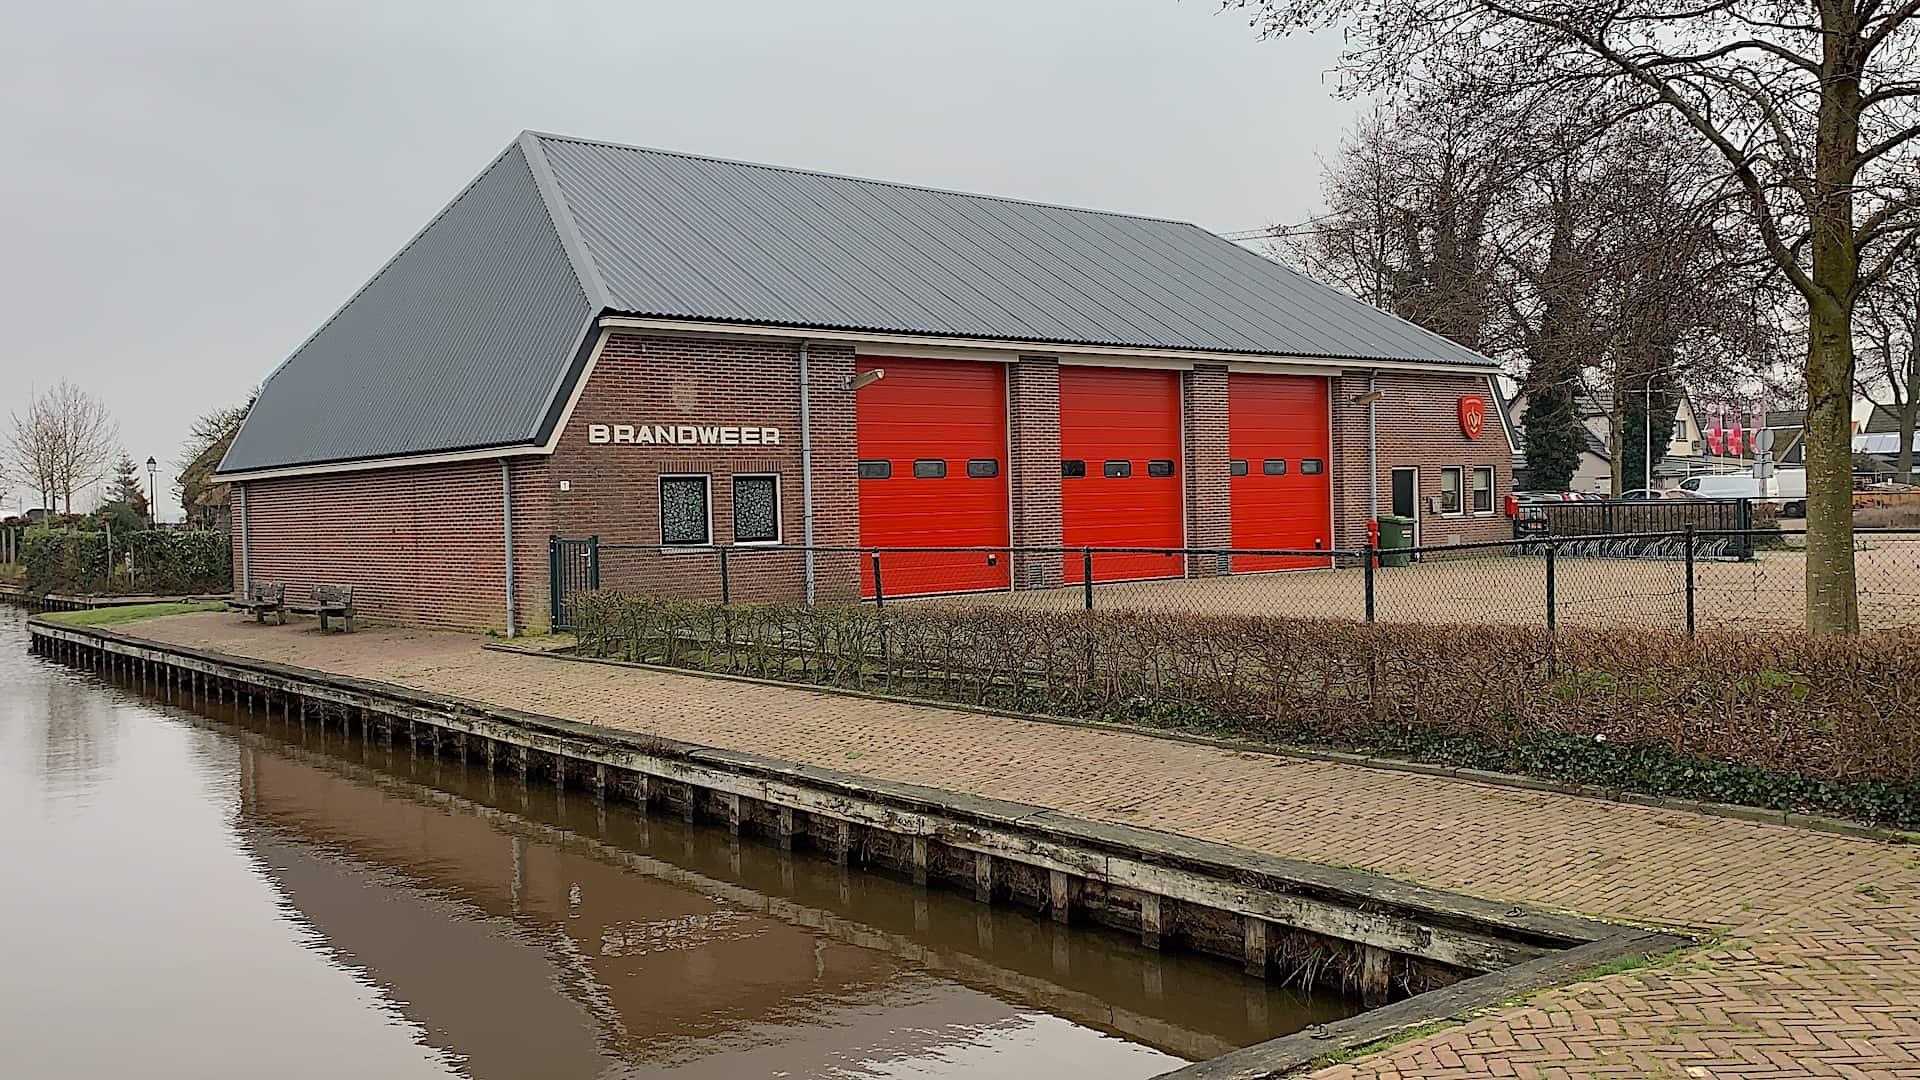 Brandweer -Giethoorn